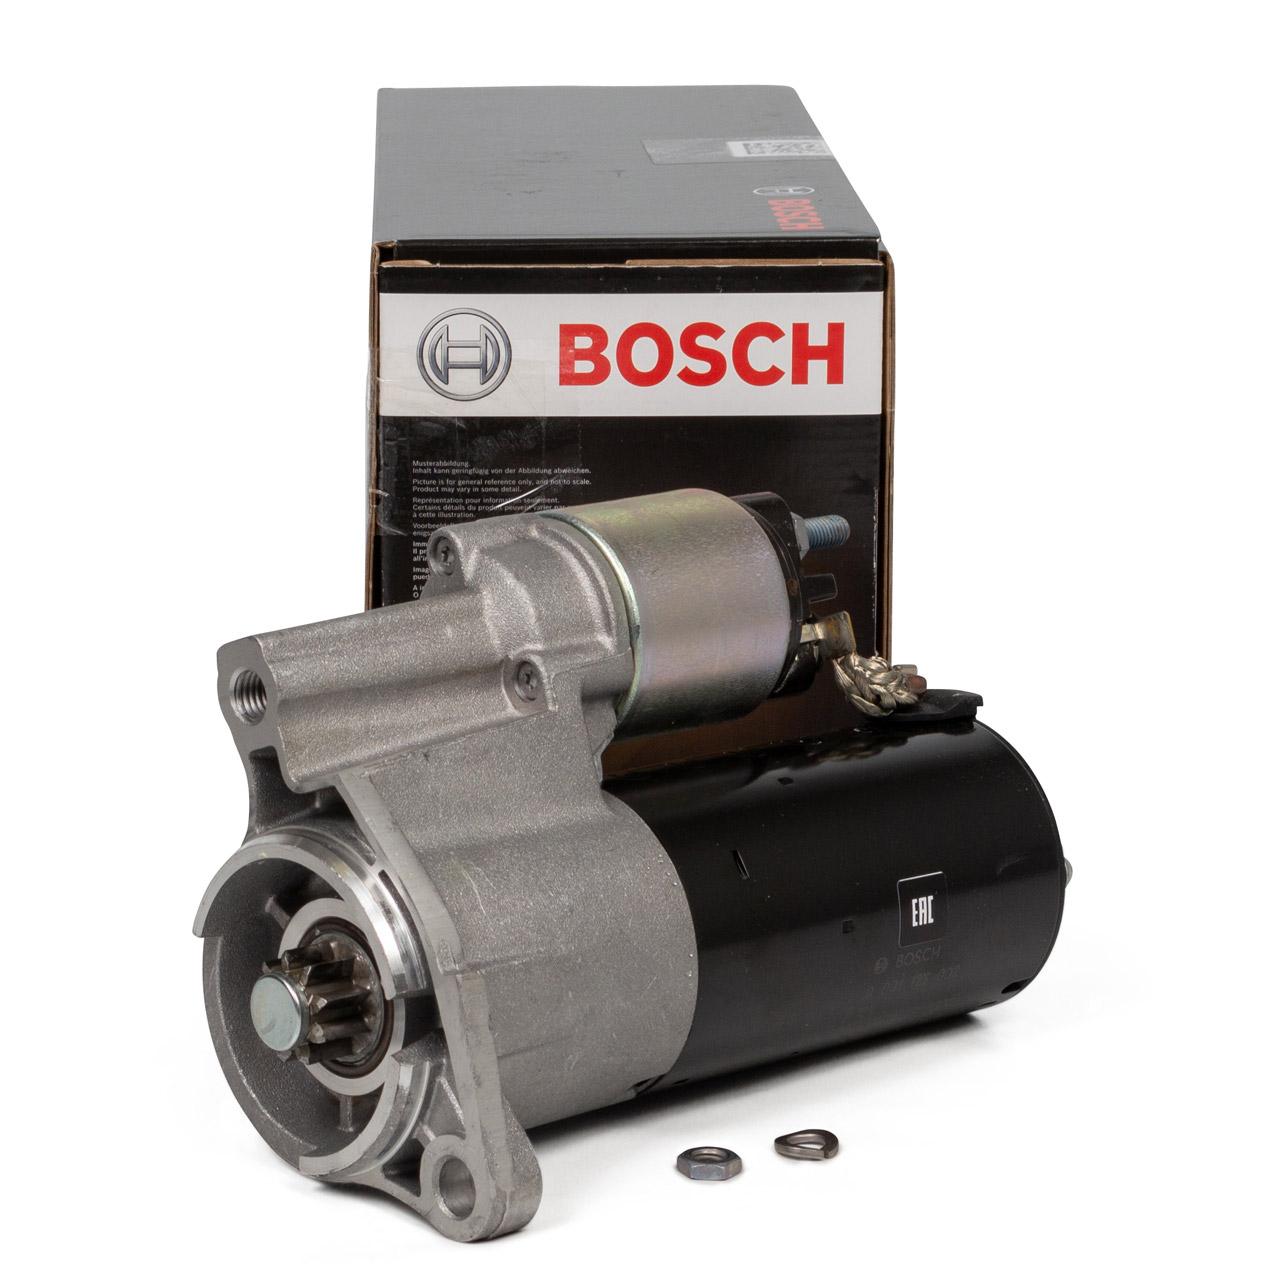 BOSCH 0001123002 Anlasser 12V 1,7 kW für PORSCHE CAYENNE 9PA 3.2 3.6 AUDI Q7 3.6